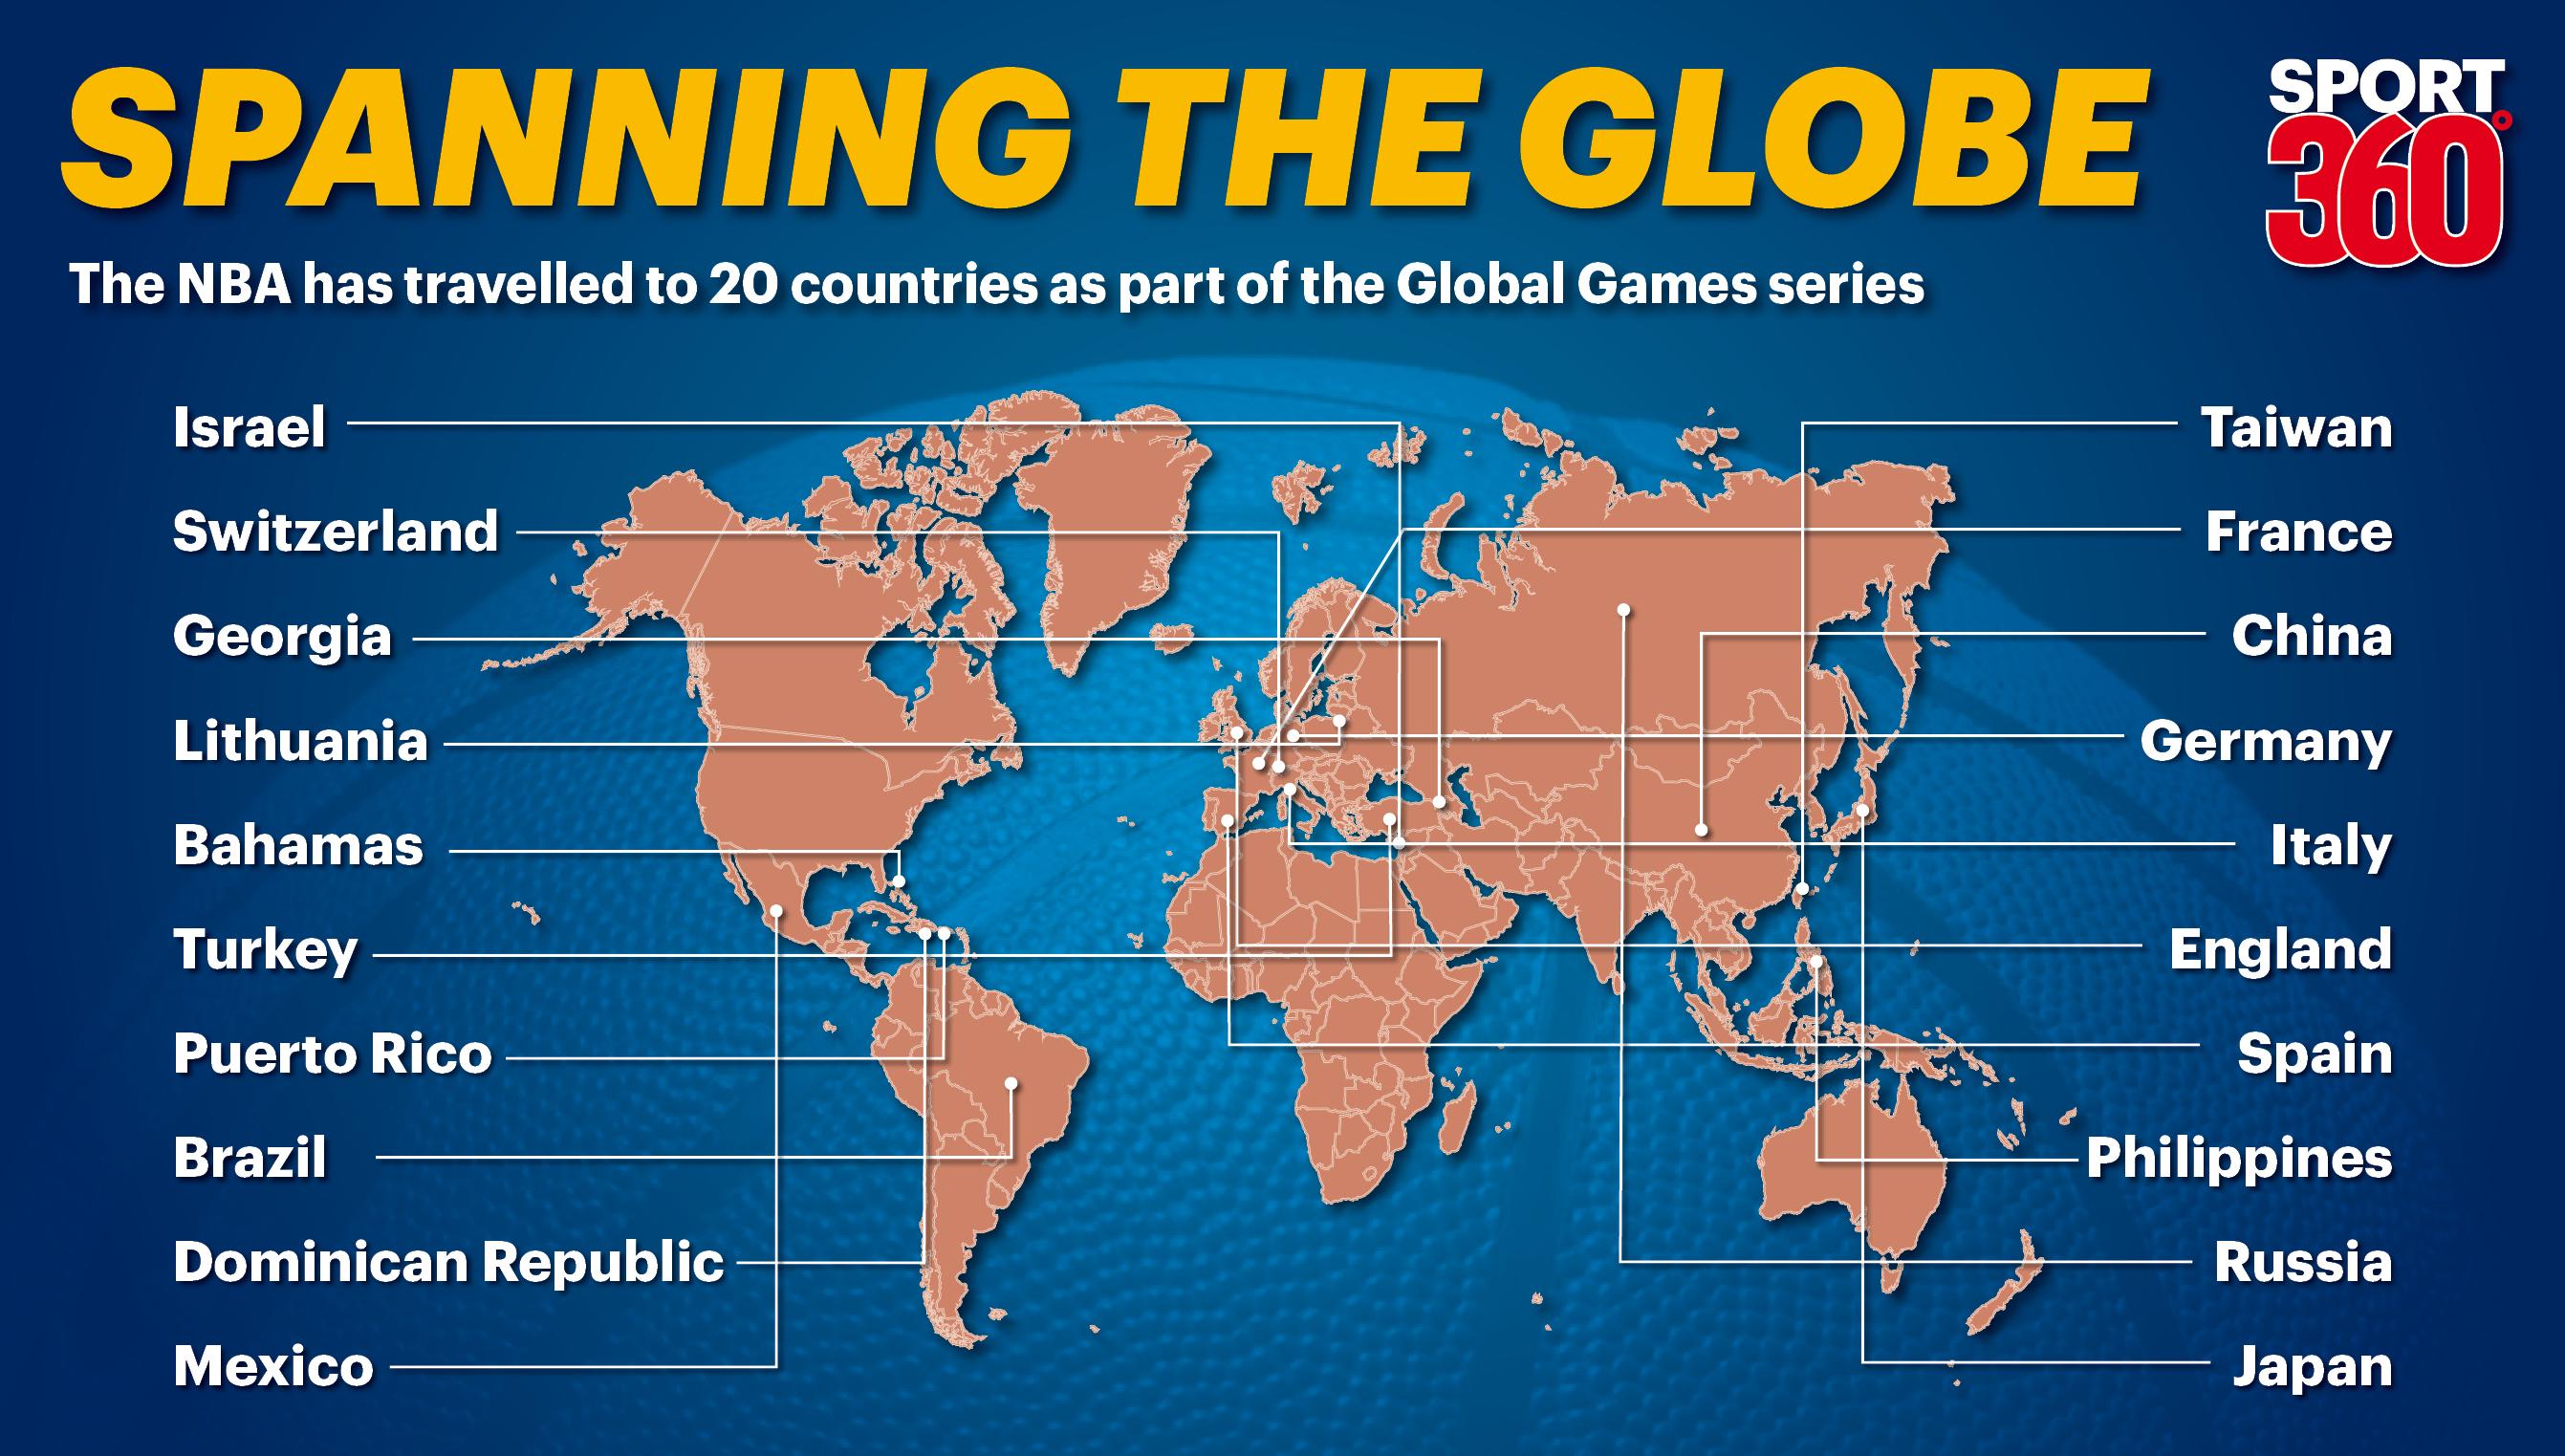 04 26 17 NBA Global